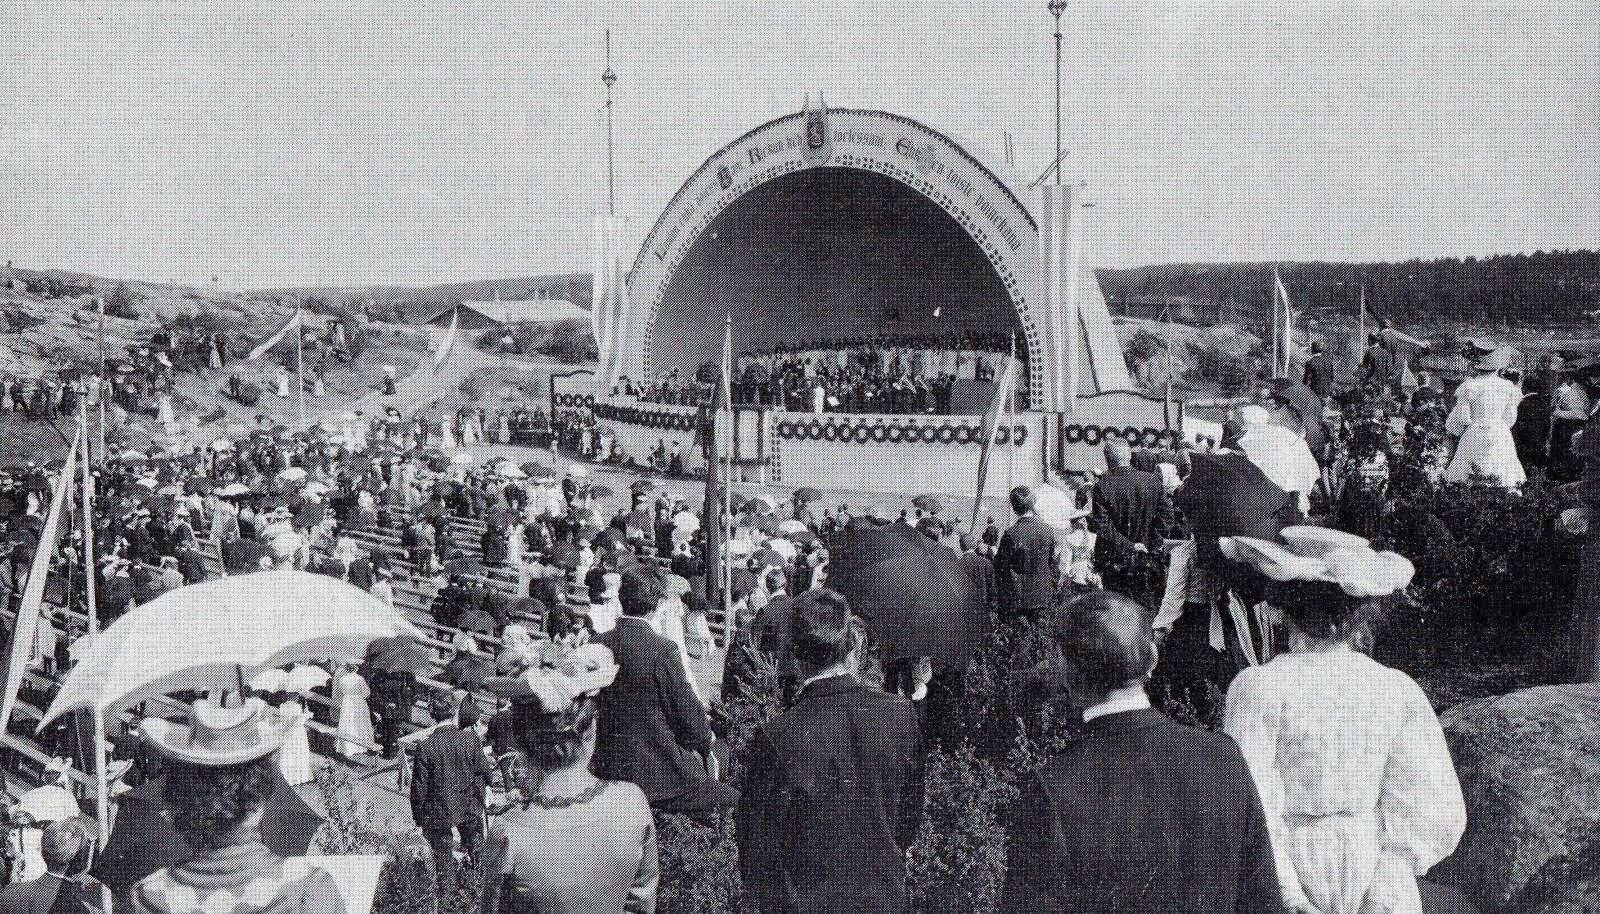 Soome rahvaharitlased olid nii vaimustunud Eesti laulupidudest, et neid taheti tuua ka Soome. Traditsioon ei siiski jäänud kestma. Pilt Rahvaharidusseltsi laulupeolt Turku linnast 1905. aastal.